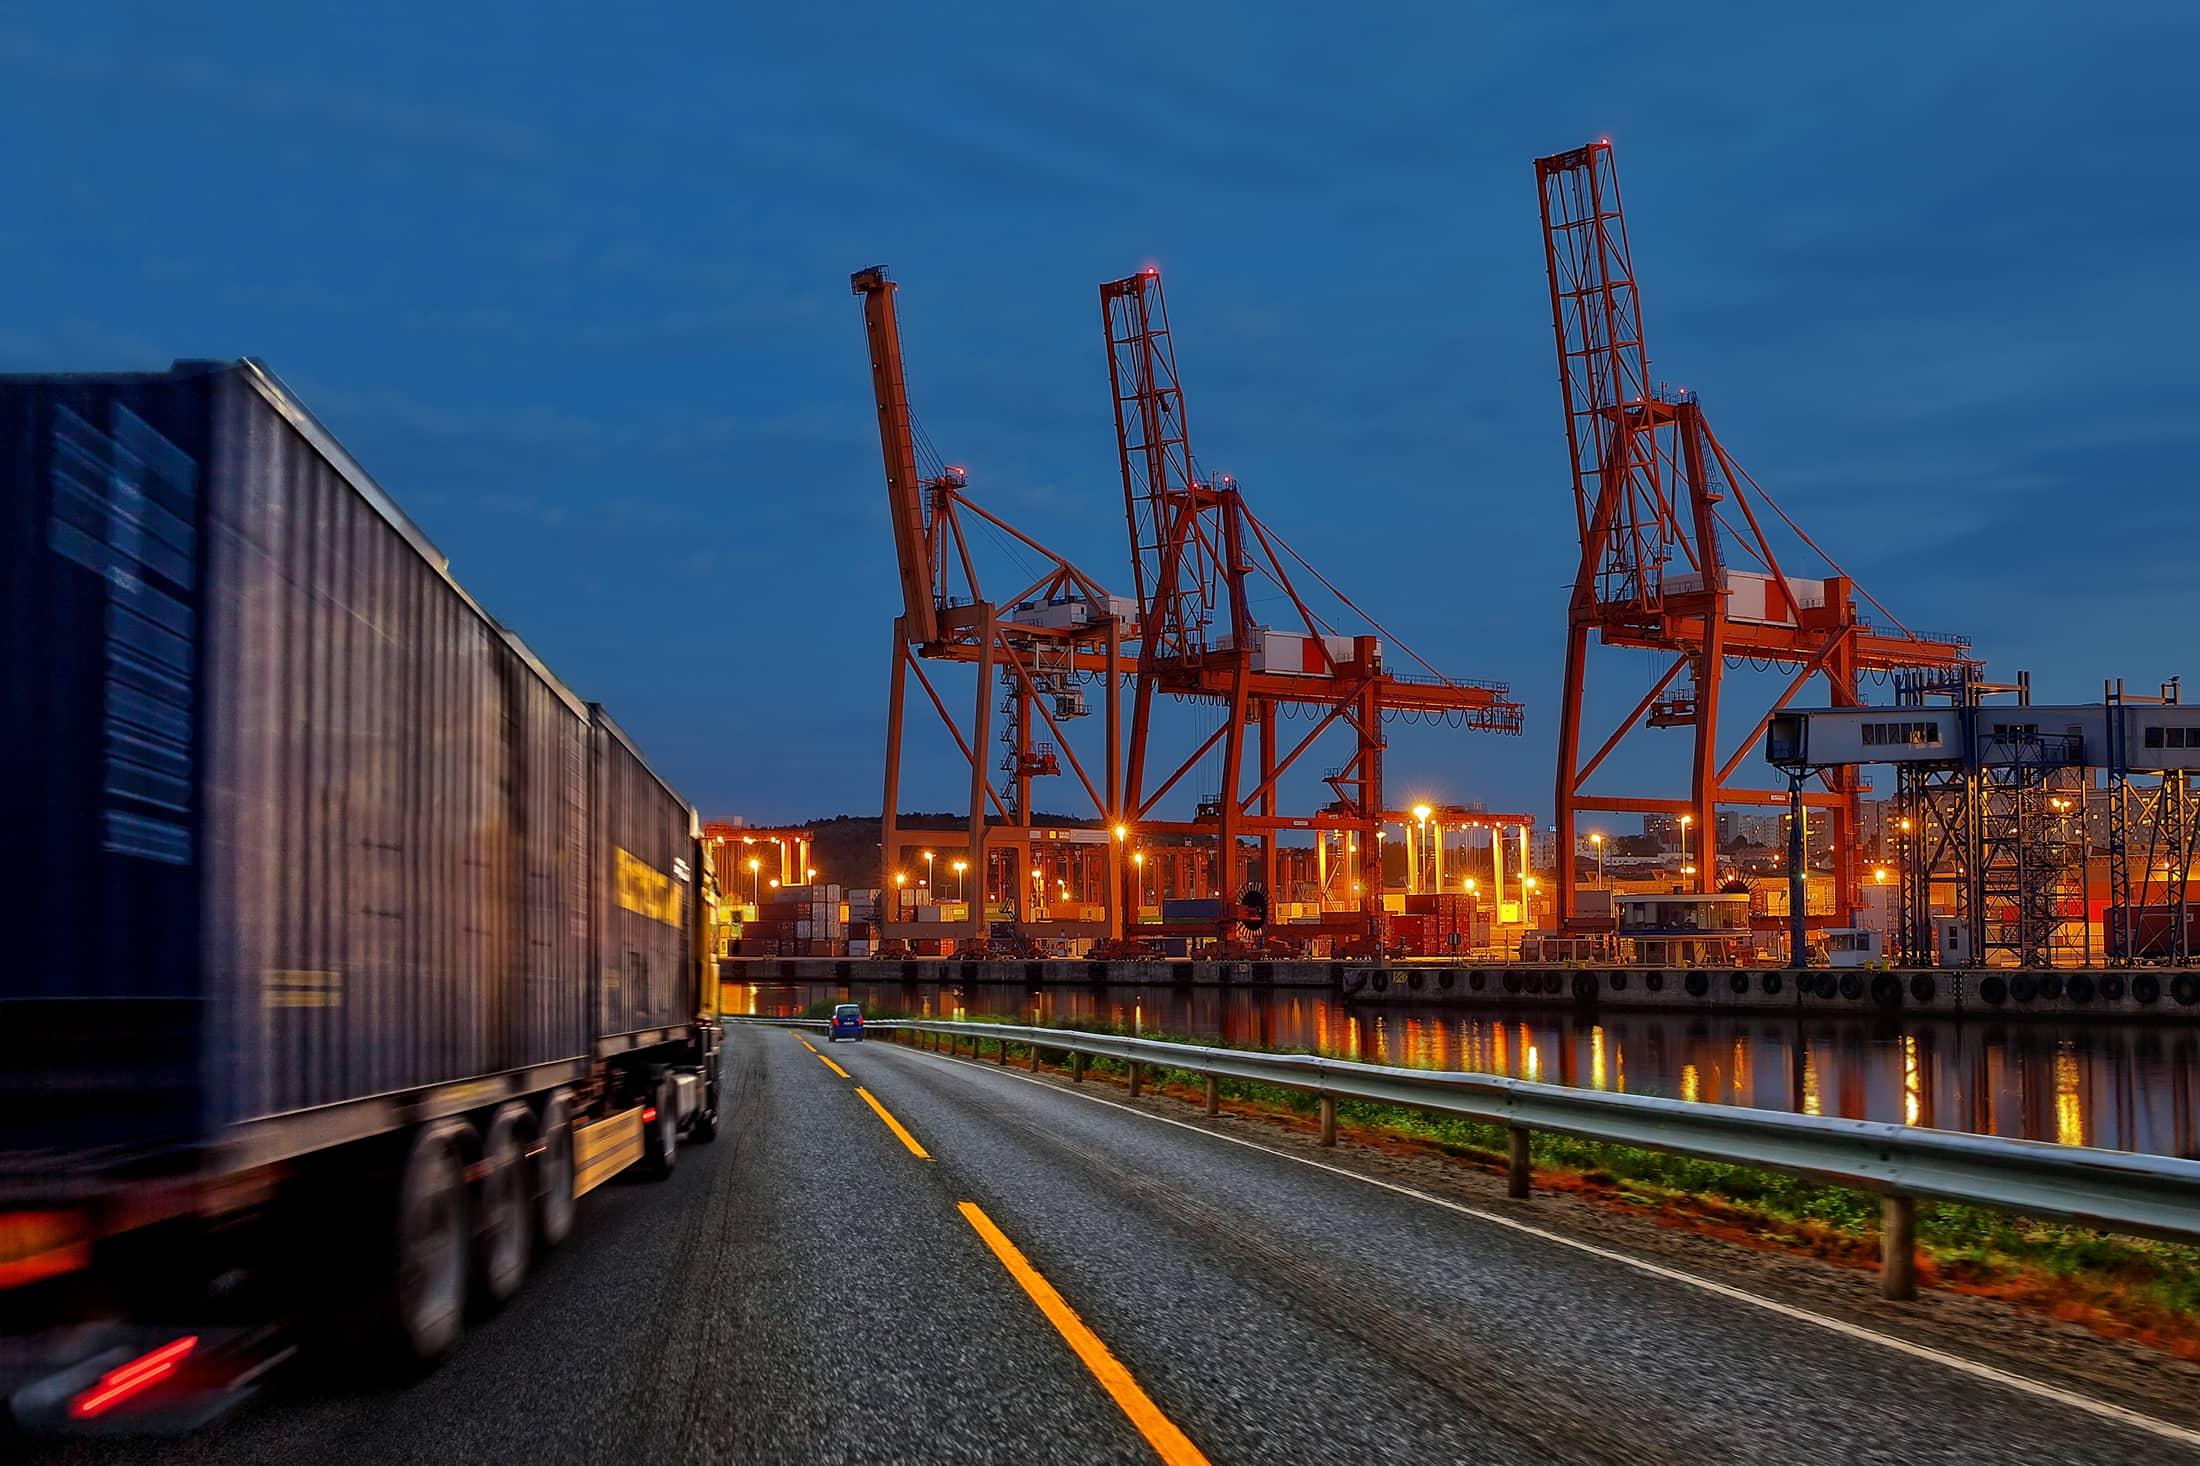 vrachtwagen onderweg naar de haven met een zeecontainer   TTN B.V.